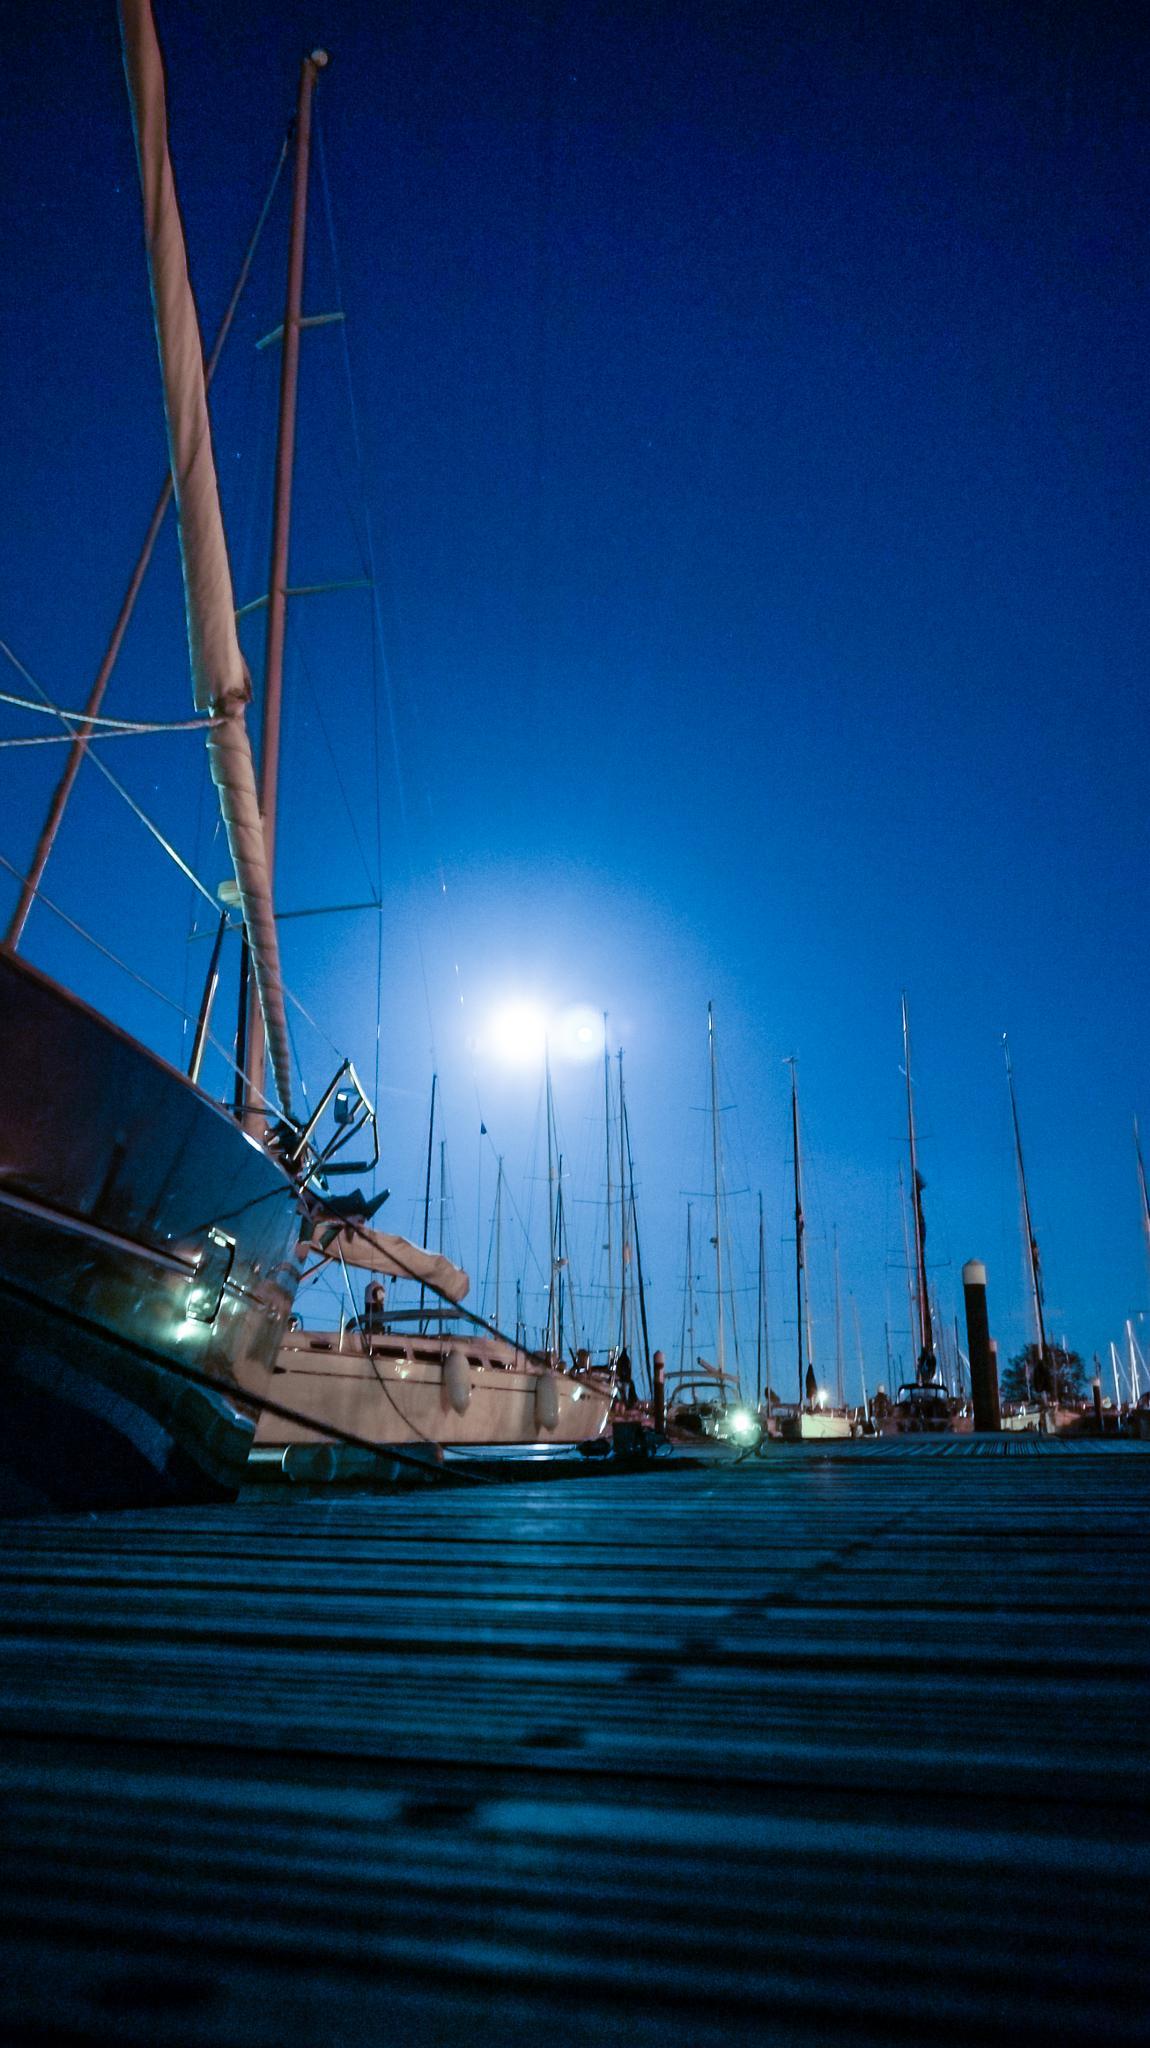 Moonlight Harbour 3 by Steve Garratt